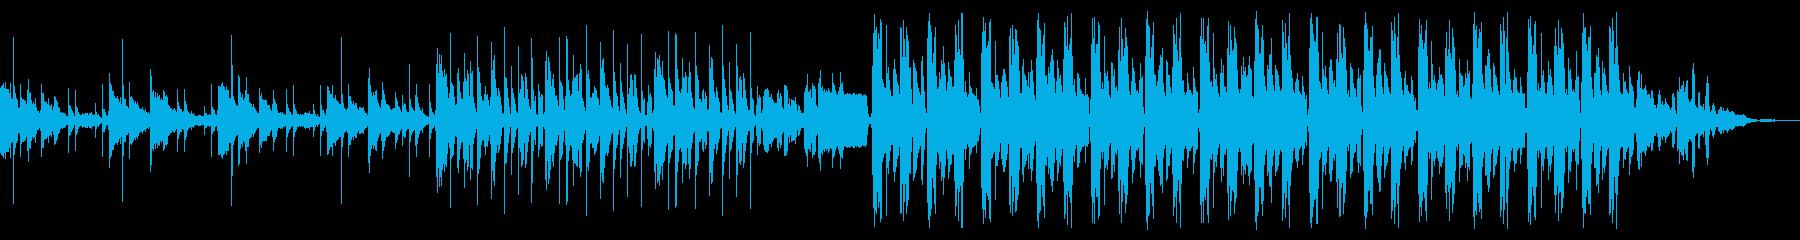 オシャレな雰囲気のハウスミュージックの再生済みの波形